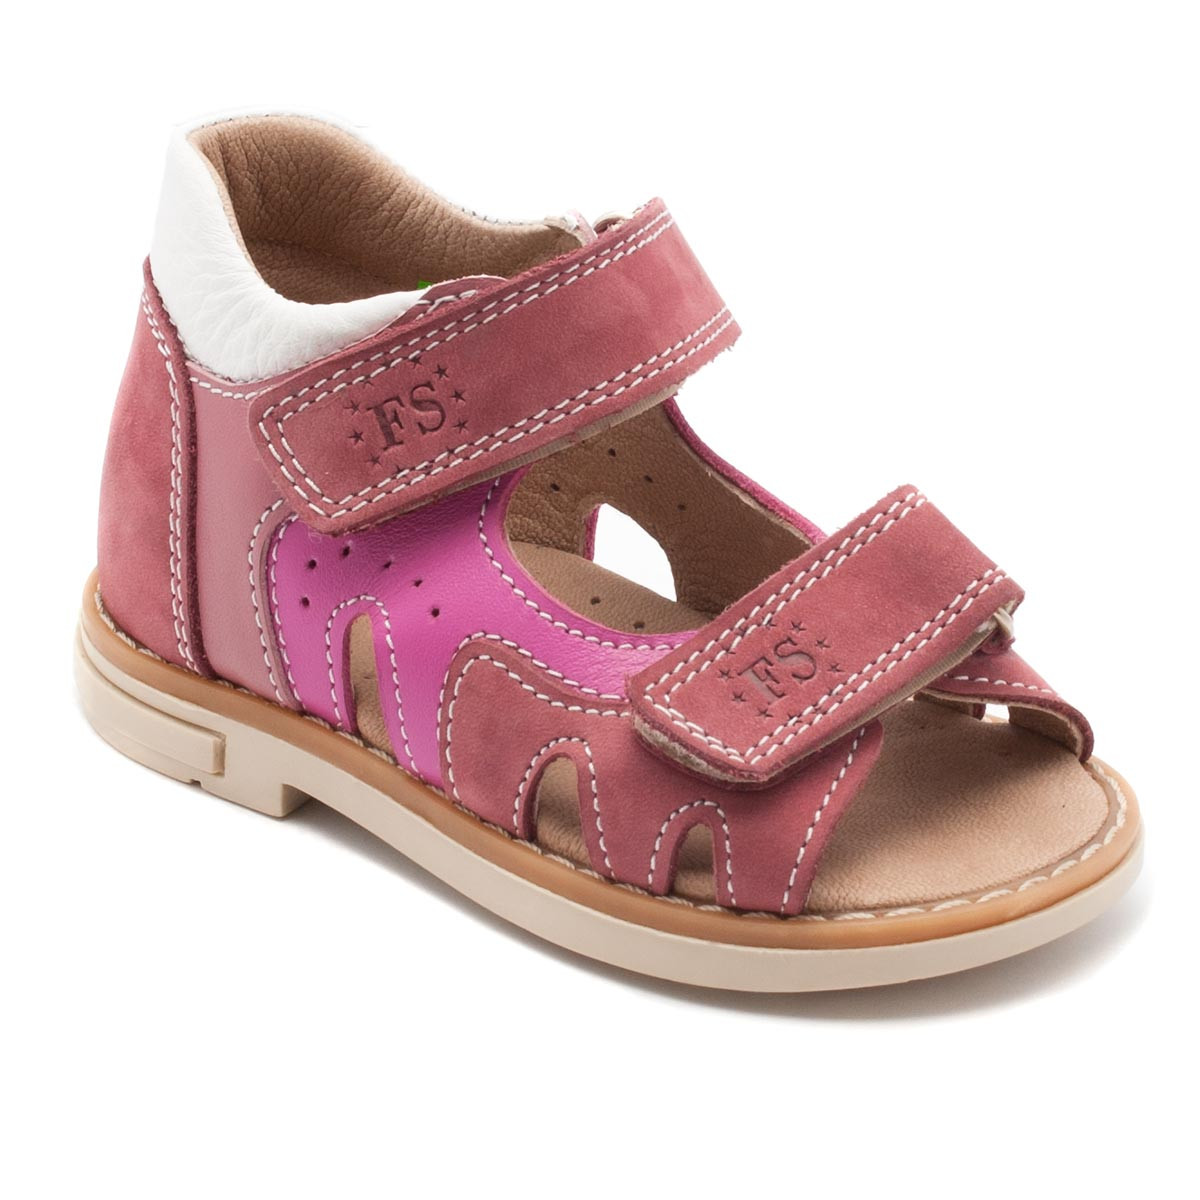 Розовые ортопедические босоножки FS Сollection для девочки, размер 20-28